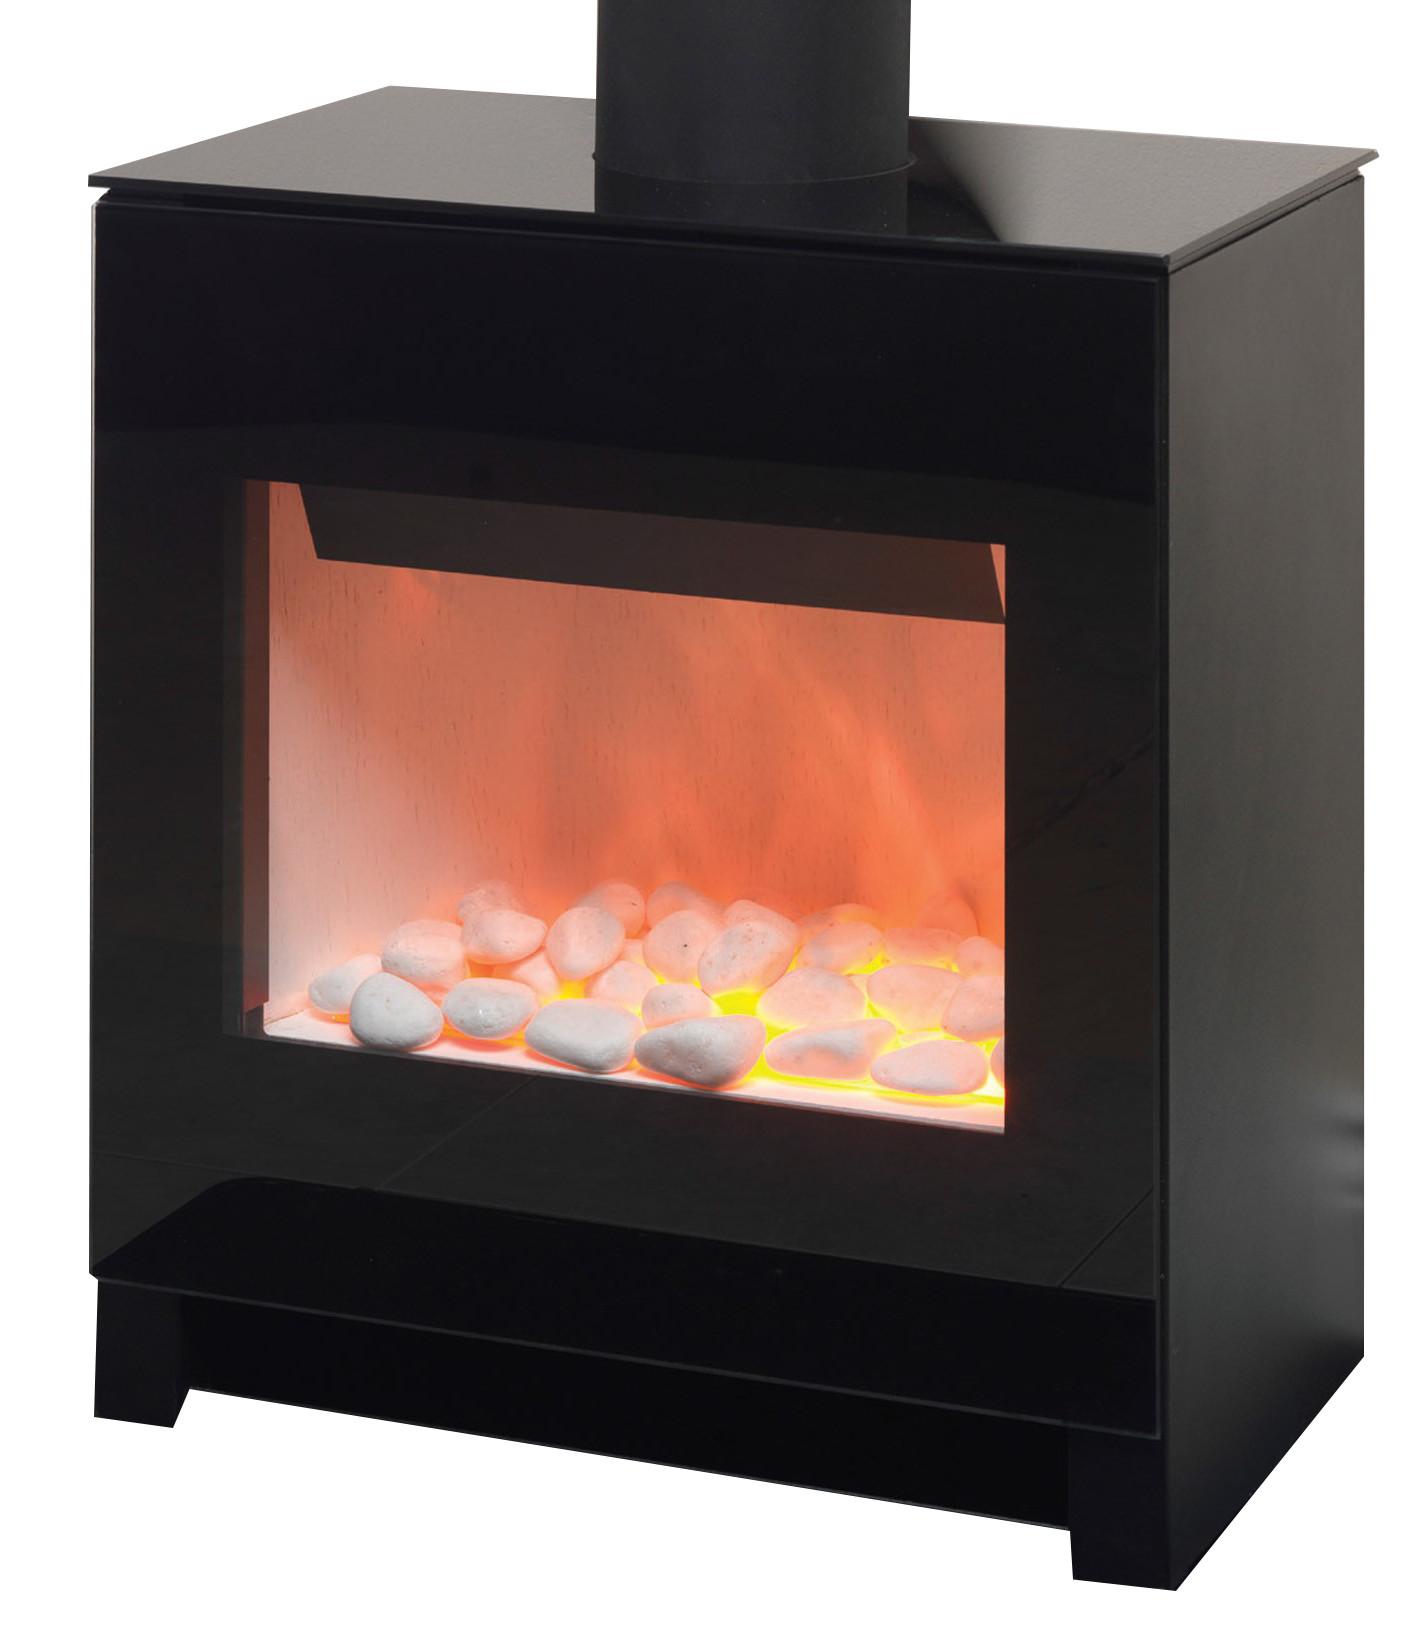 Flamerite Essence Apollo Small Electric Stove - Black Glass